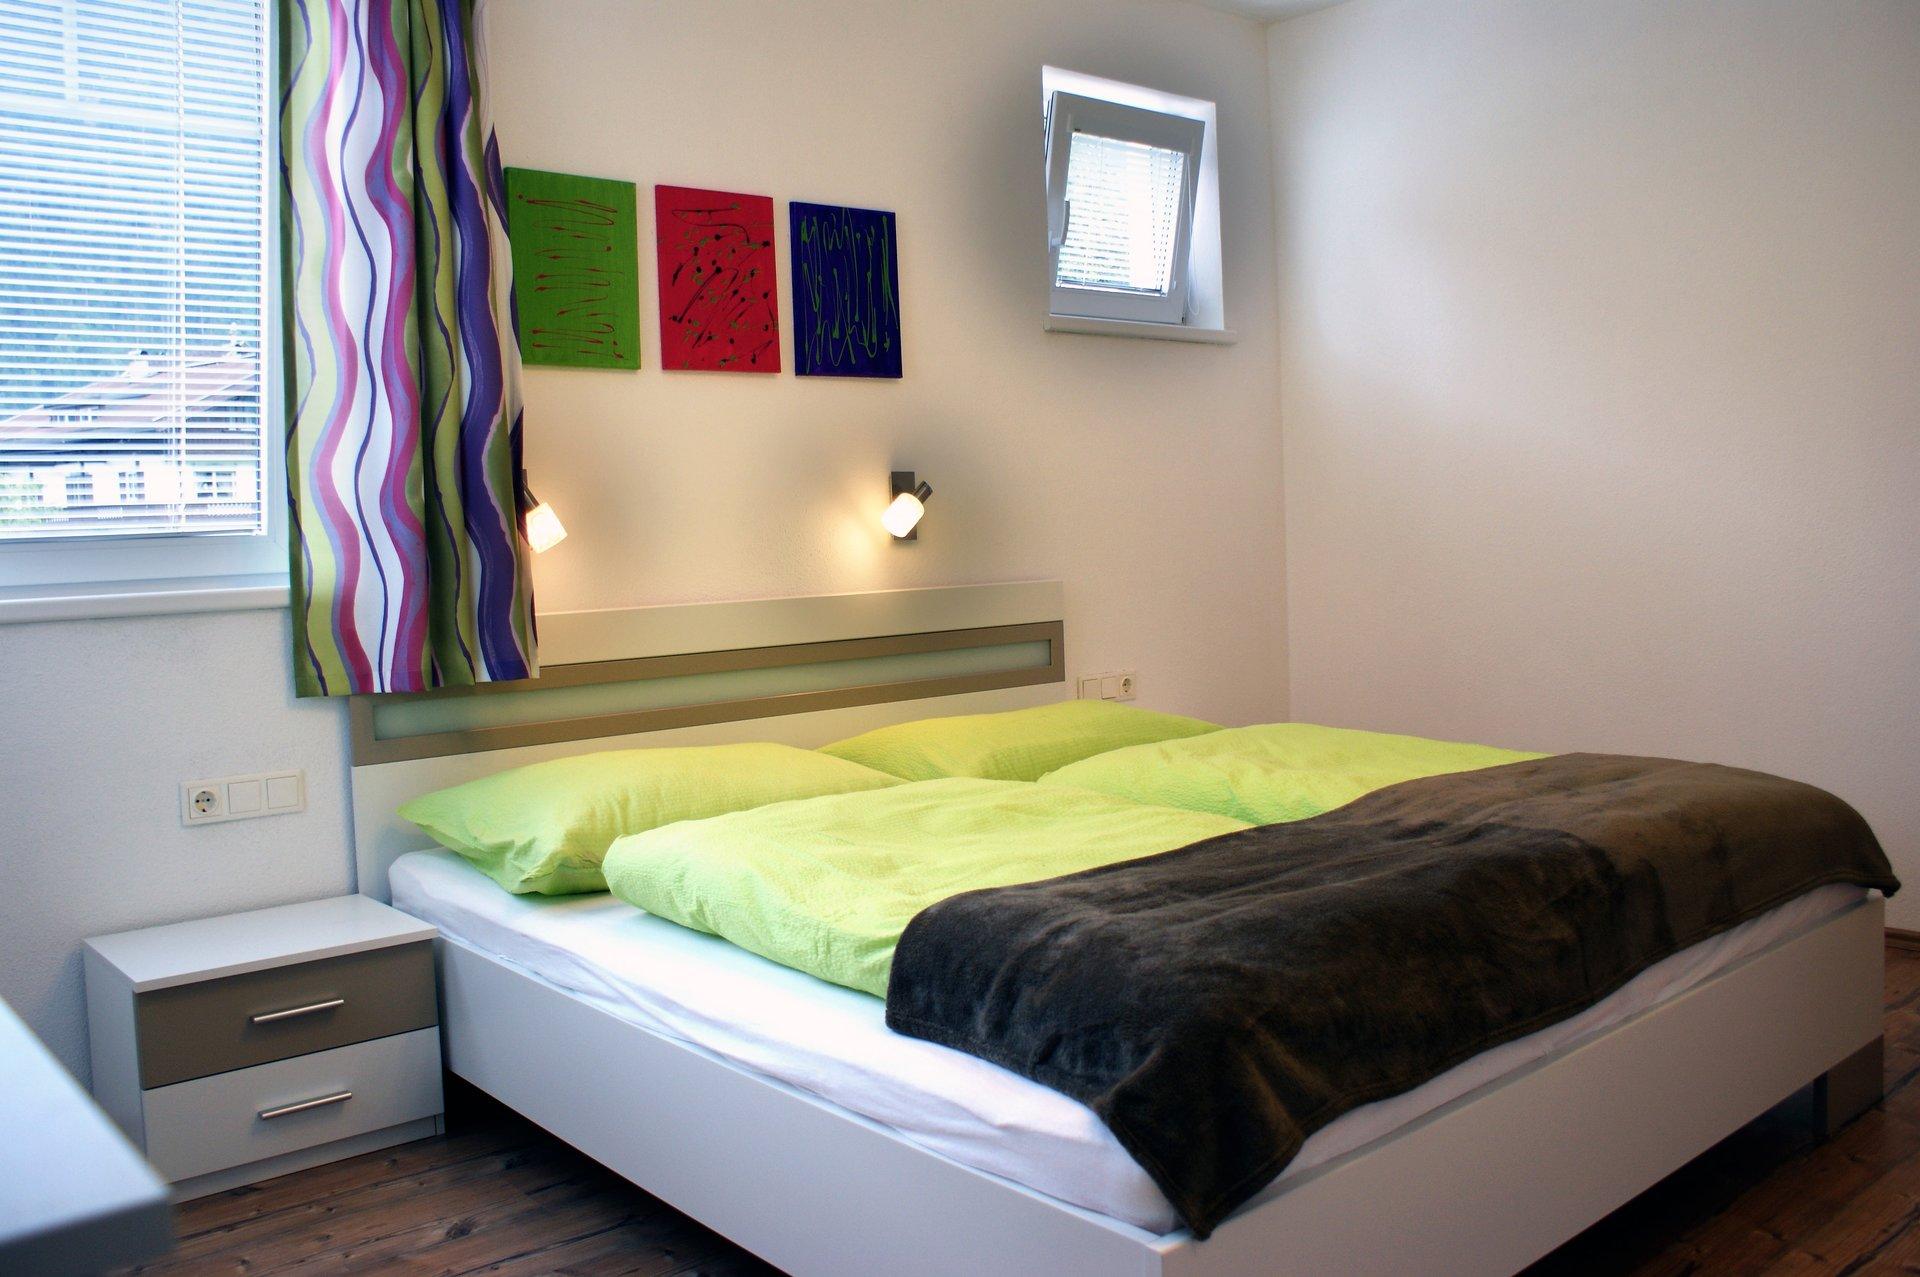 Schlafzimmer Ahorn | Schlafzimmer Jugendstil Schlafzimmer Einrichten ...